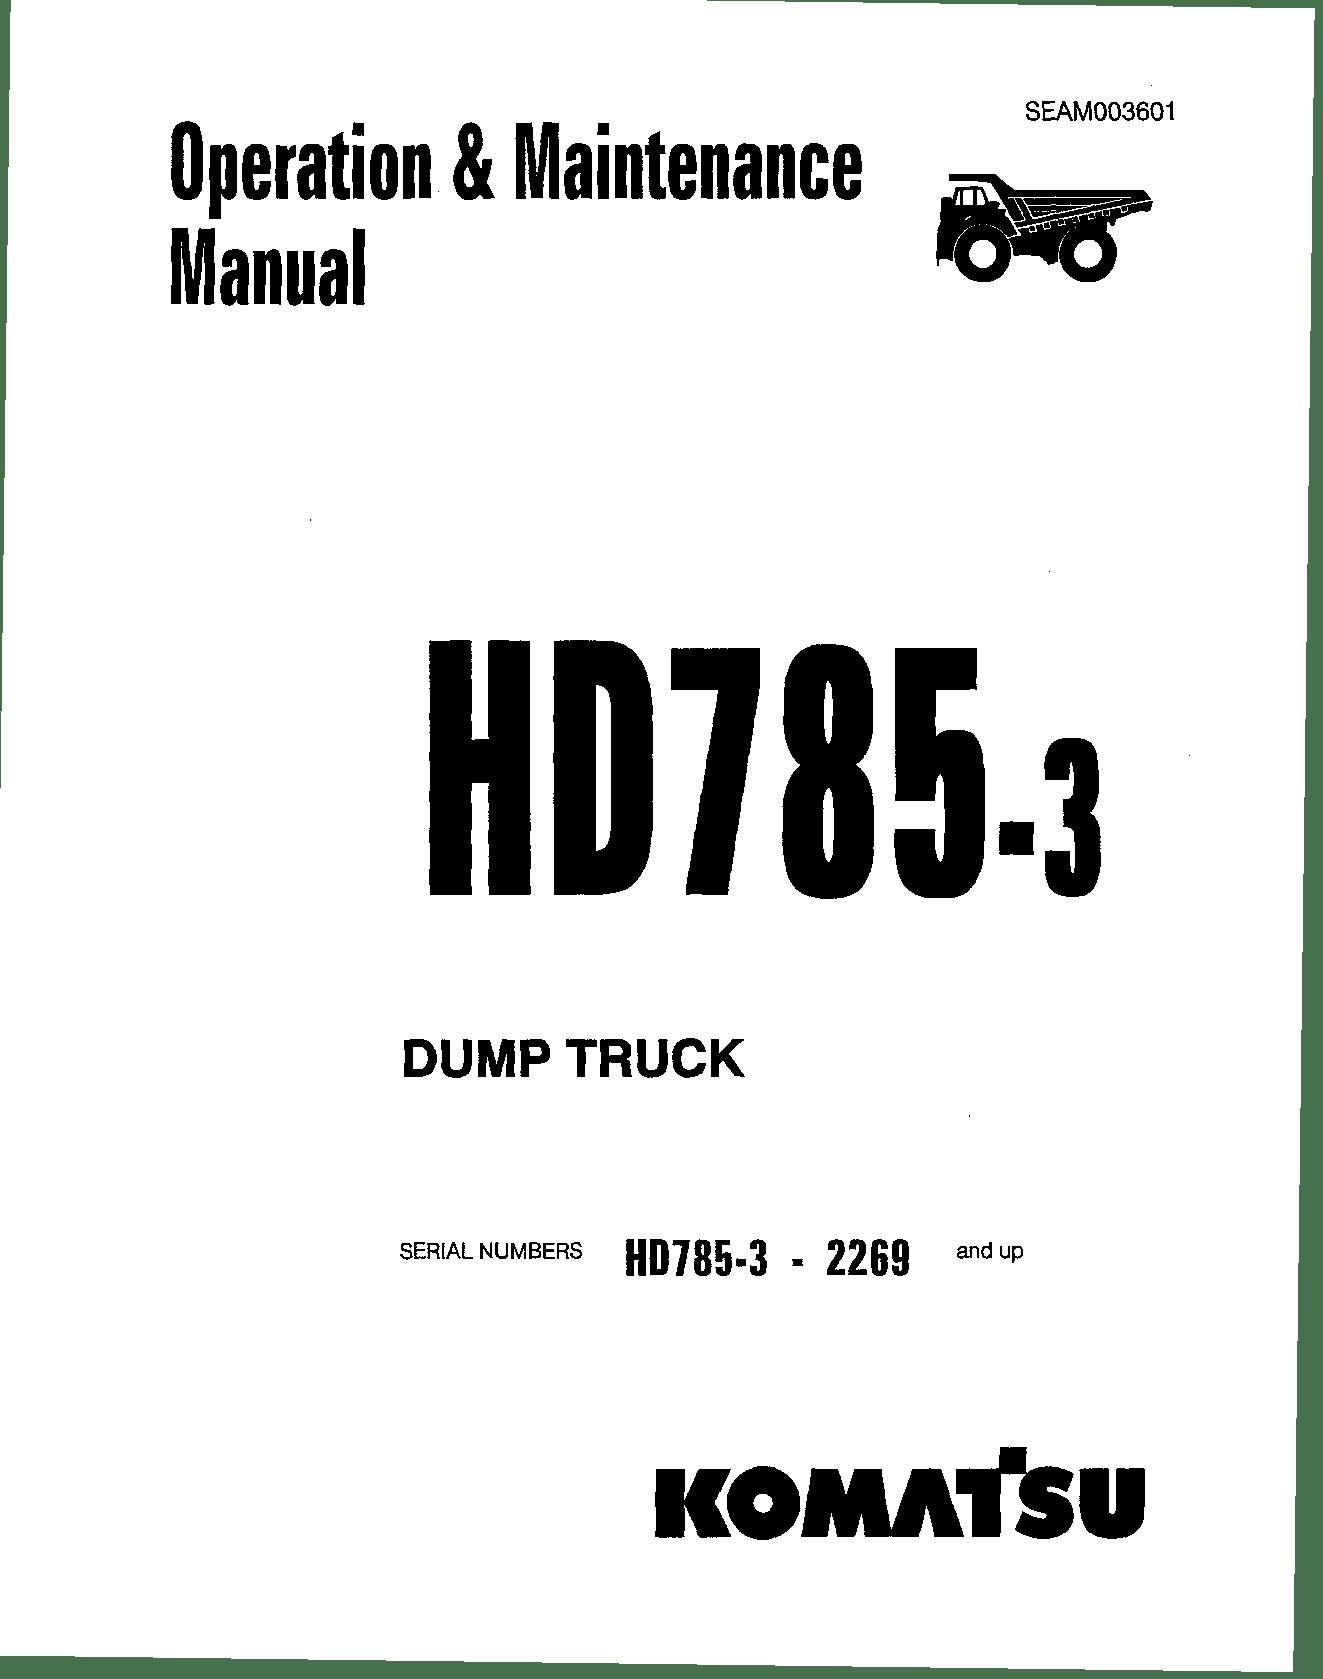 Komatsu HD785-3 Operation and Maintenance Manual